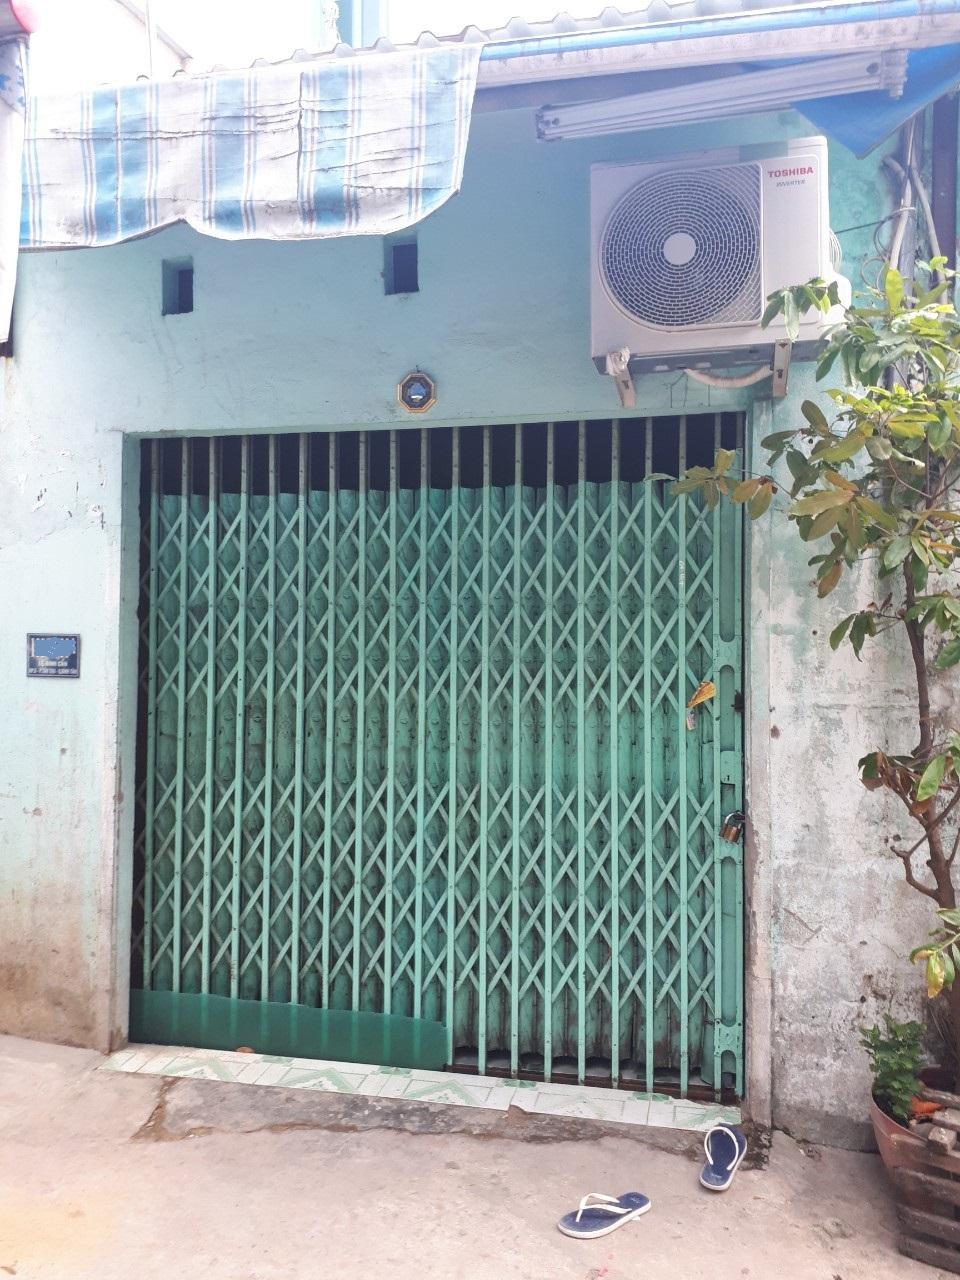 Bán nhà hẻm 188 Lê Đình Cẩn phường Tân Tạo quận Bình Tân giá 1 tỷ 500 triệu